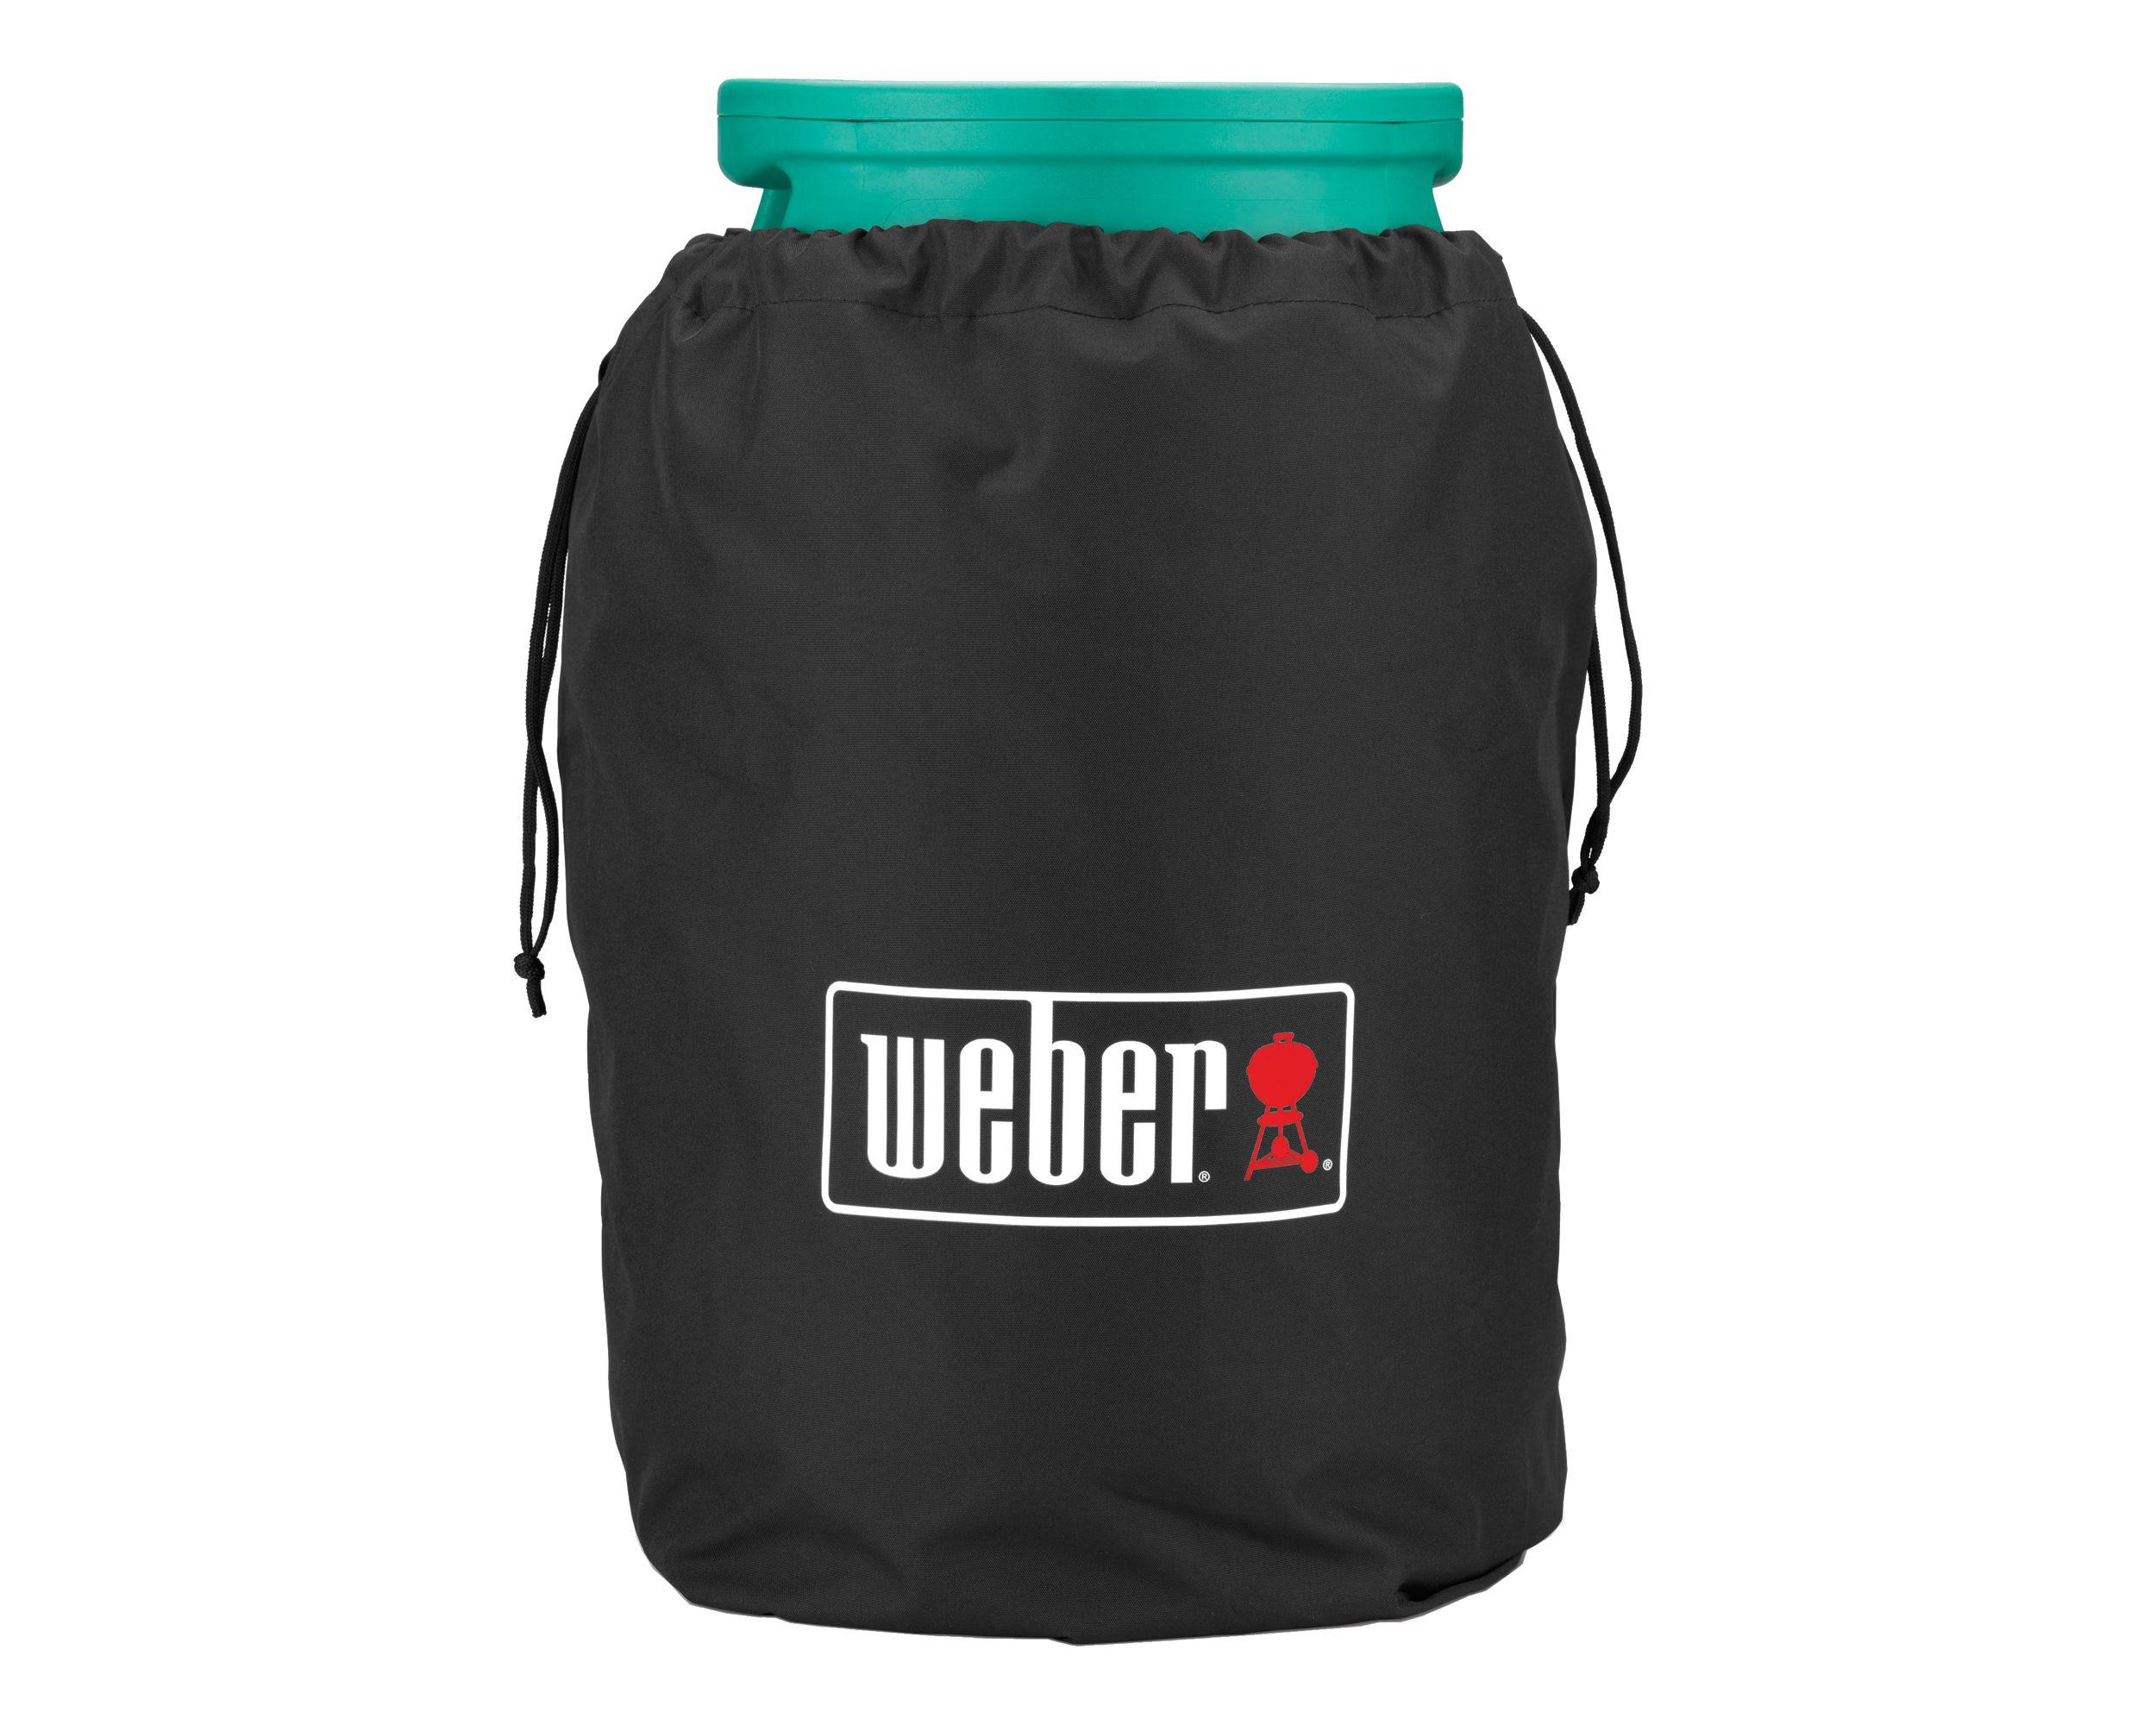 Weber® Gasflaschenschutzhülle groß